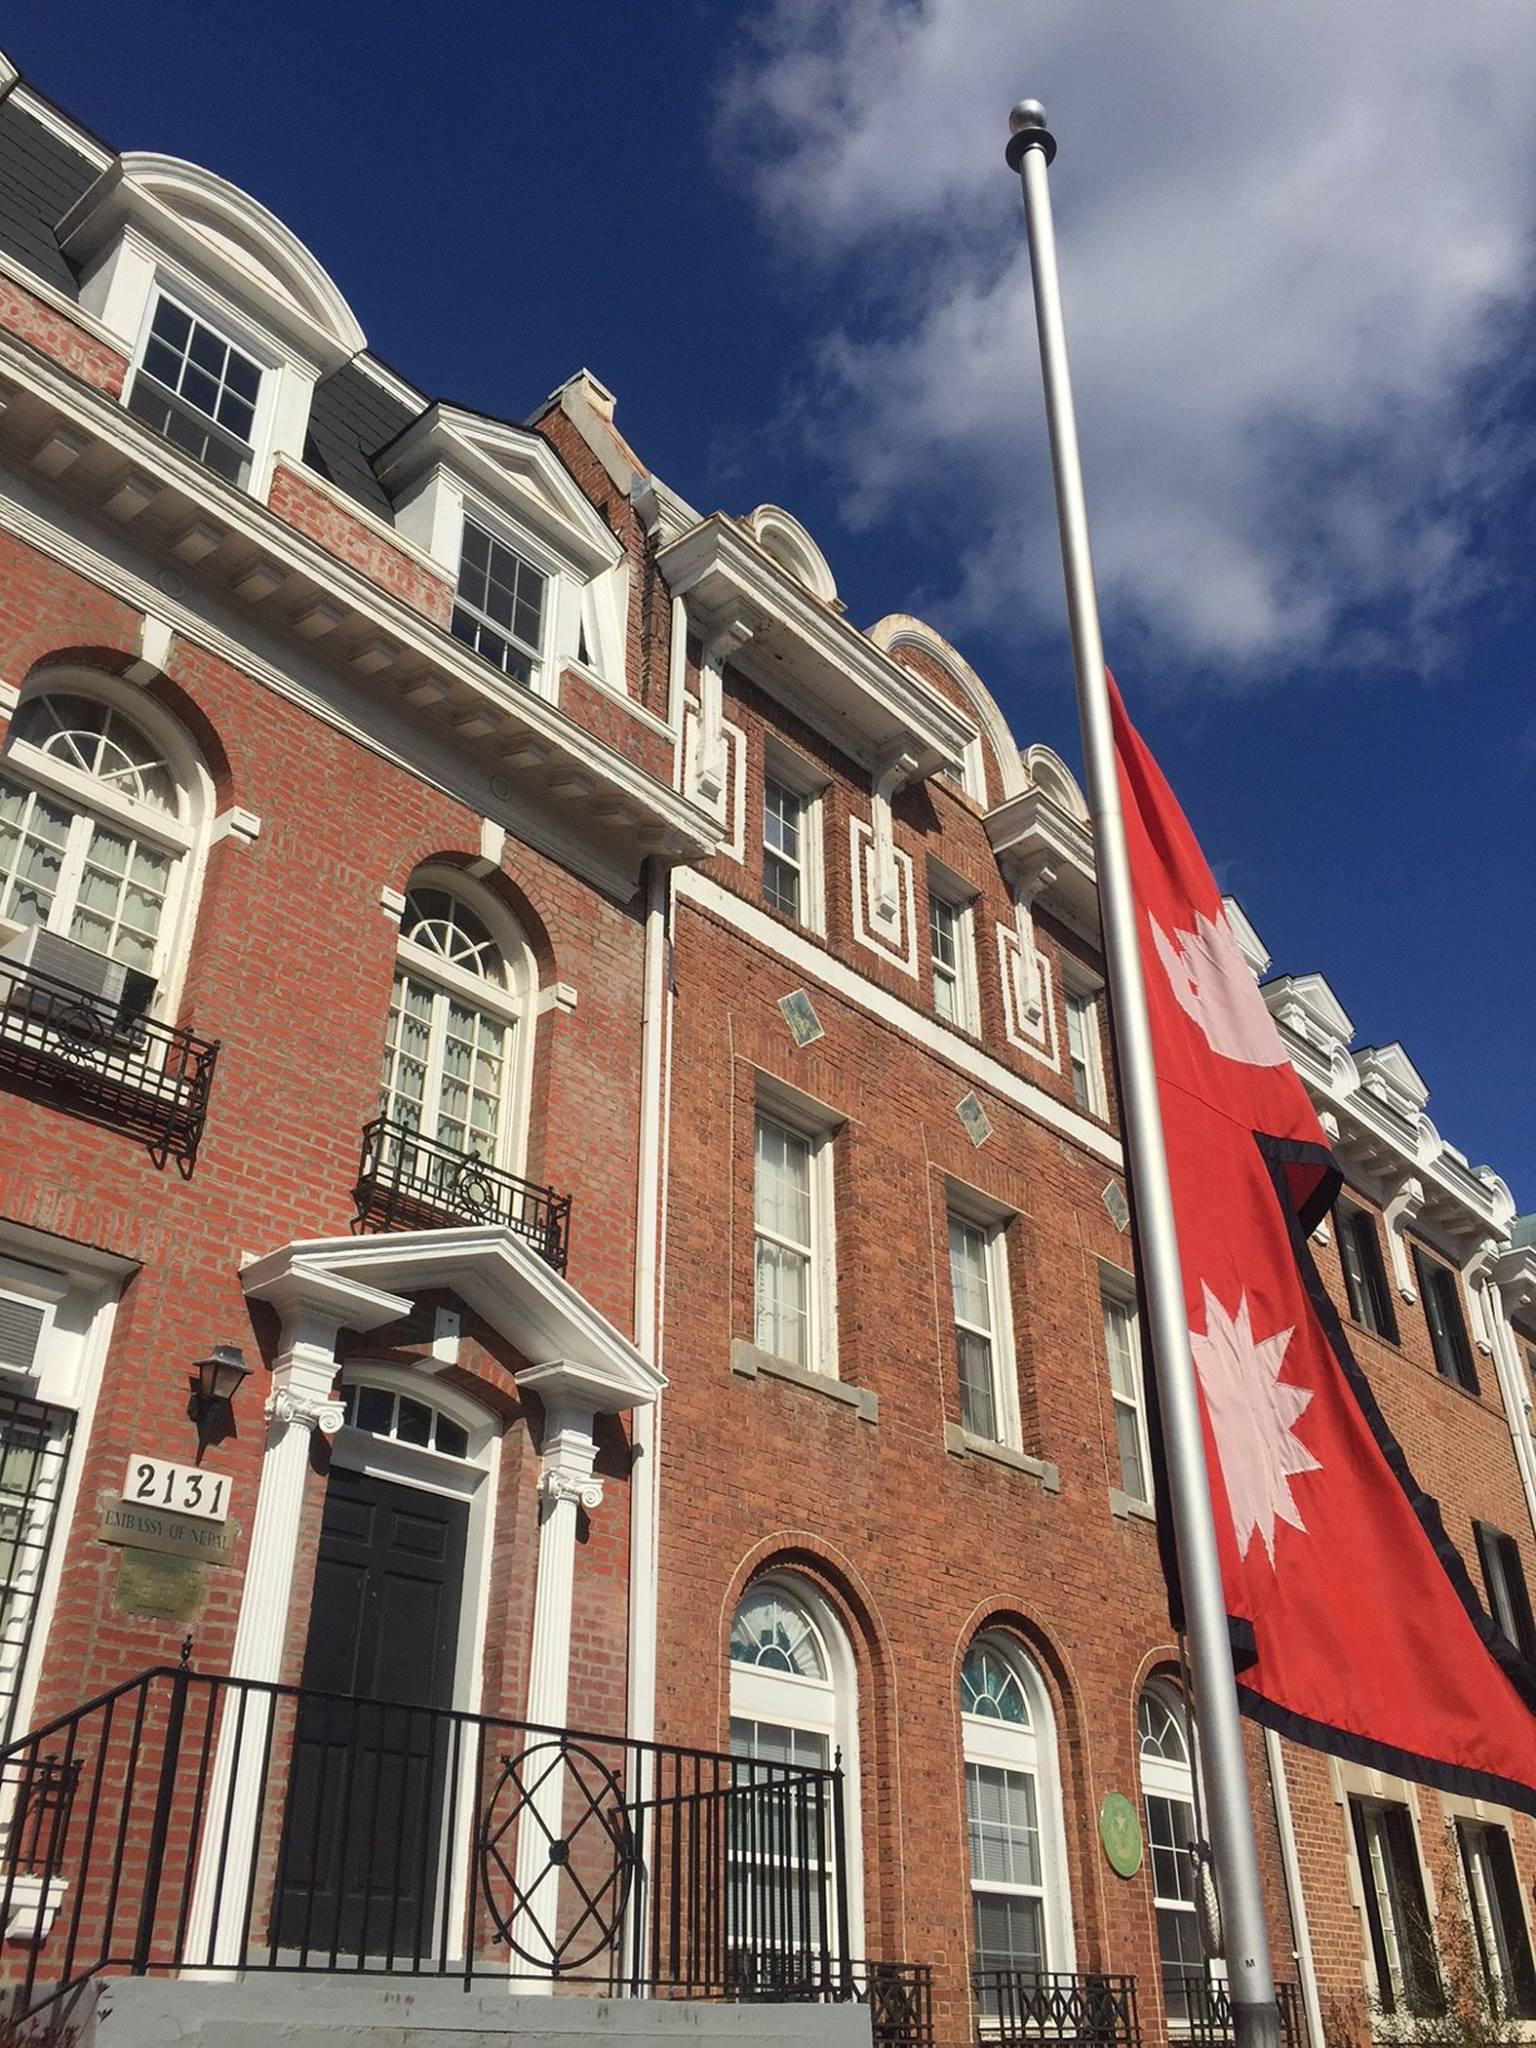 अमेरिकामा नेपाली दूतावासको घुम्ति कन्सुलर सेवा